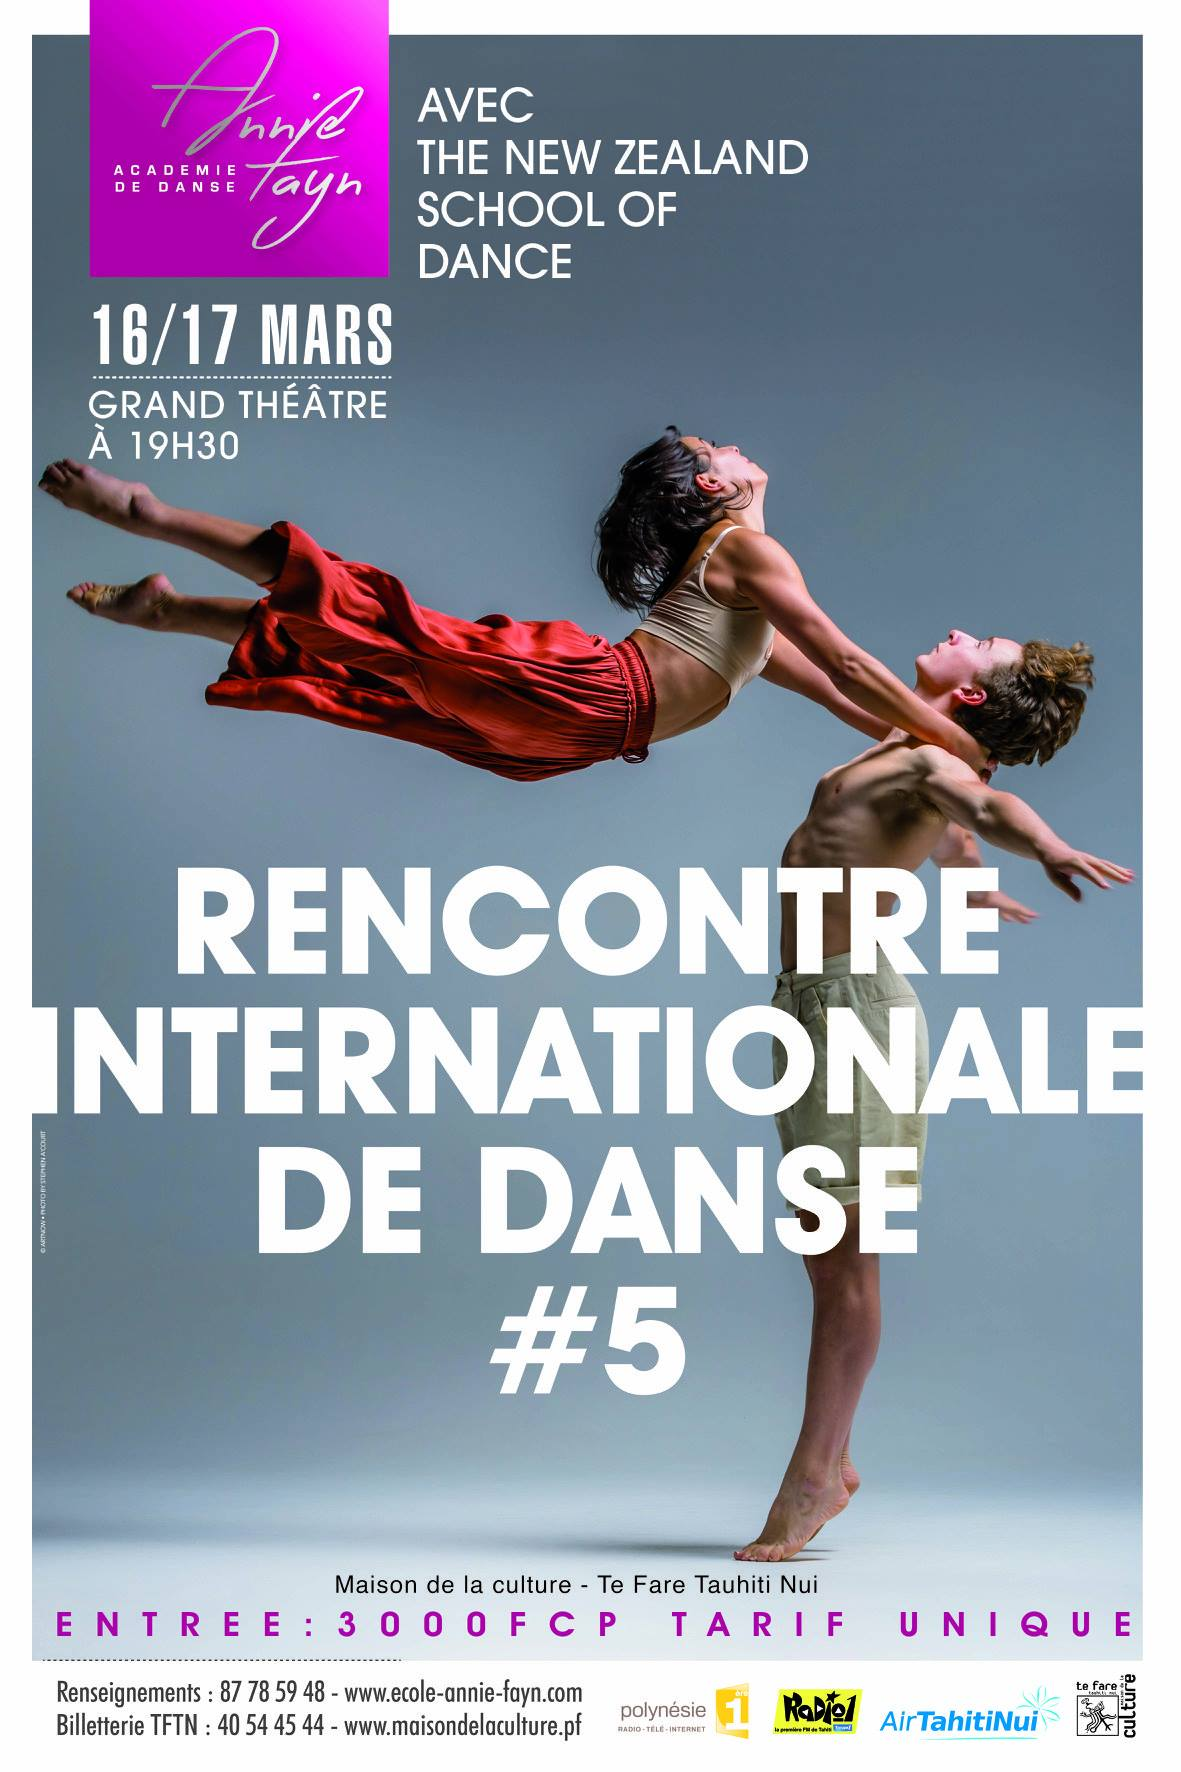 5ème rencontre internationale de danse